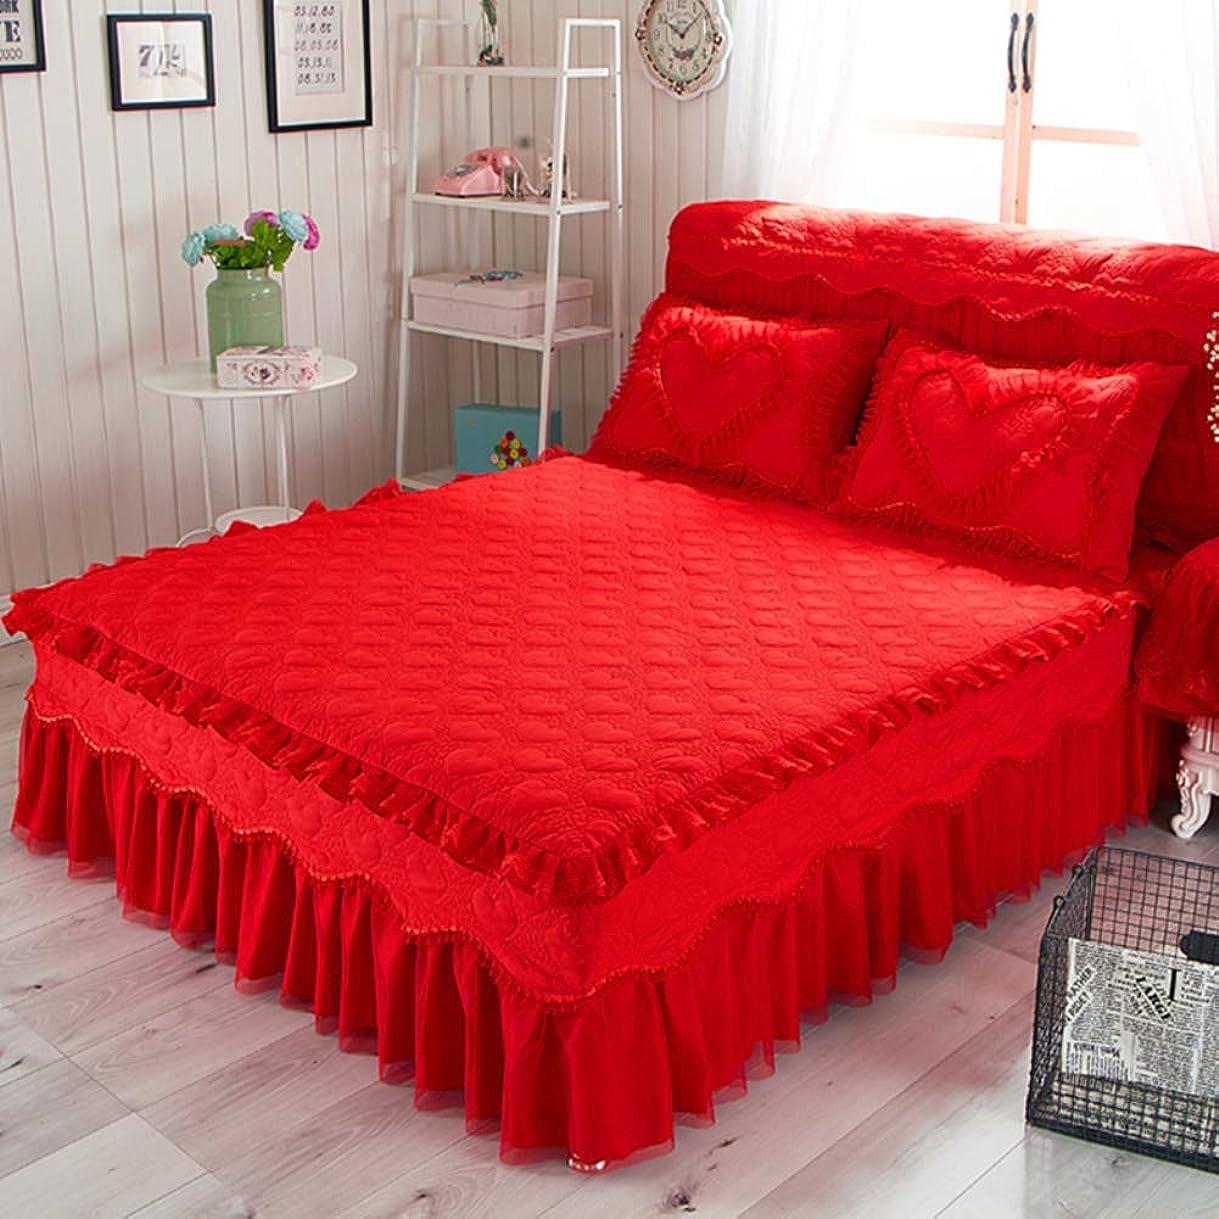 家畜他の場所派生するキルト綿のベッド スカート,プリンセス レース フリル綿手入れが簡単なほこりしわベッド カバー シート追加の寝具- 150x200cm(59x79inch)